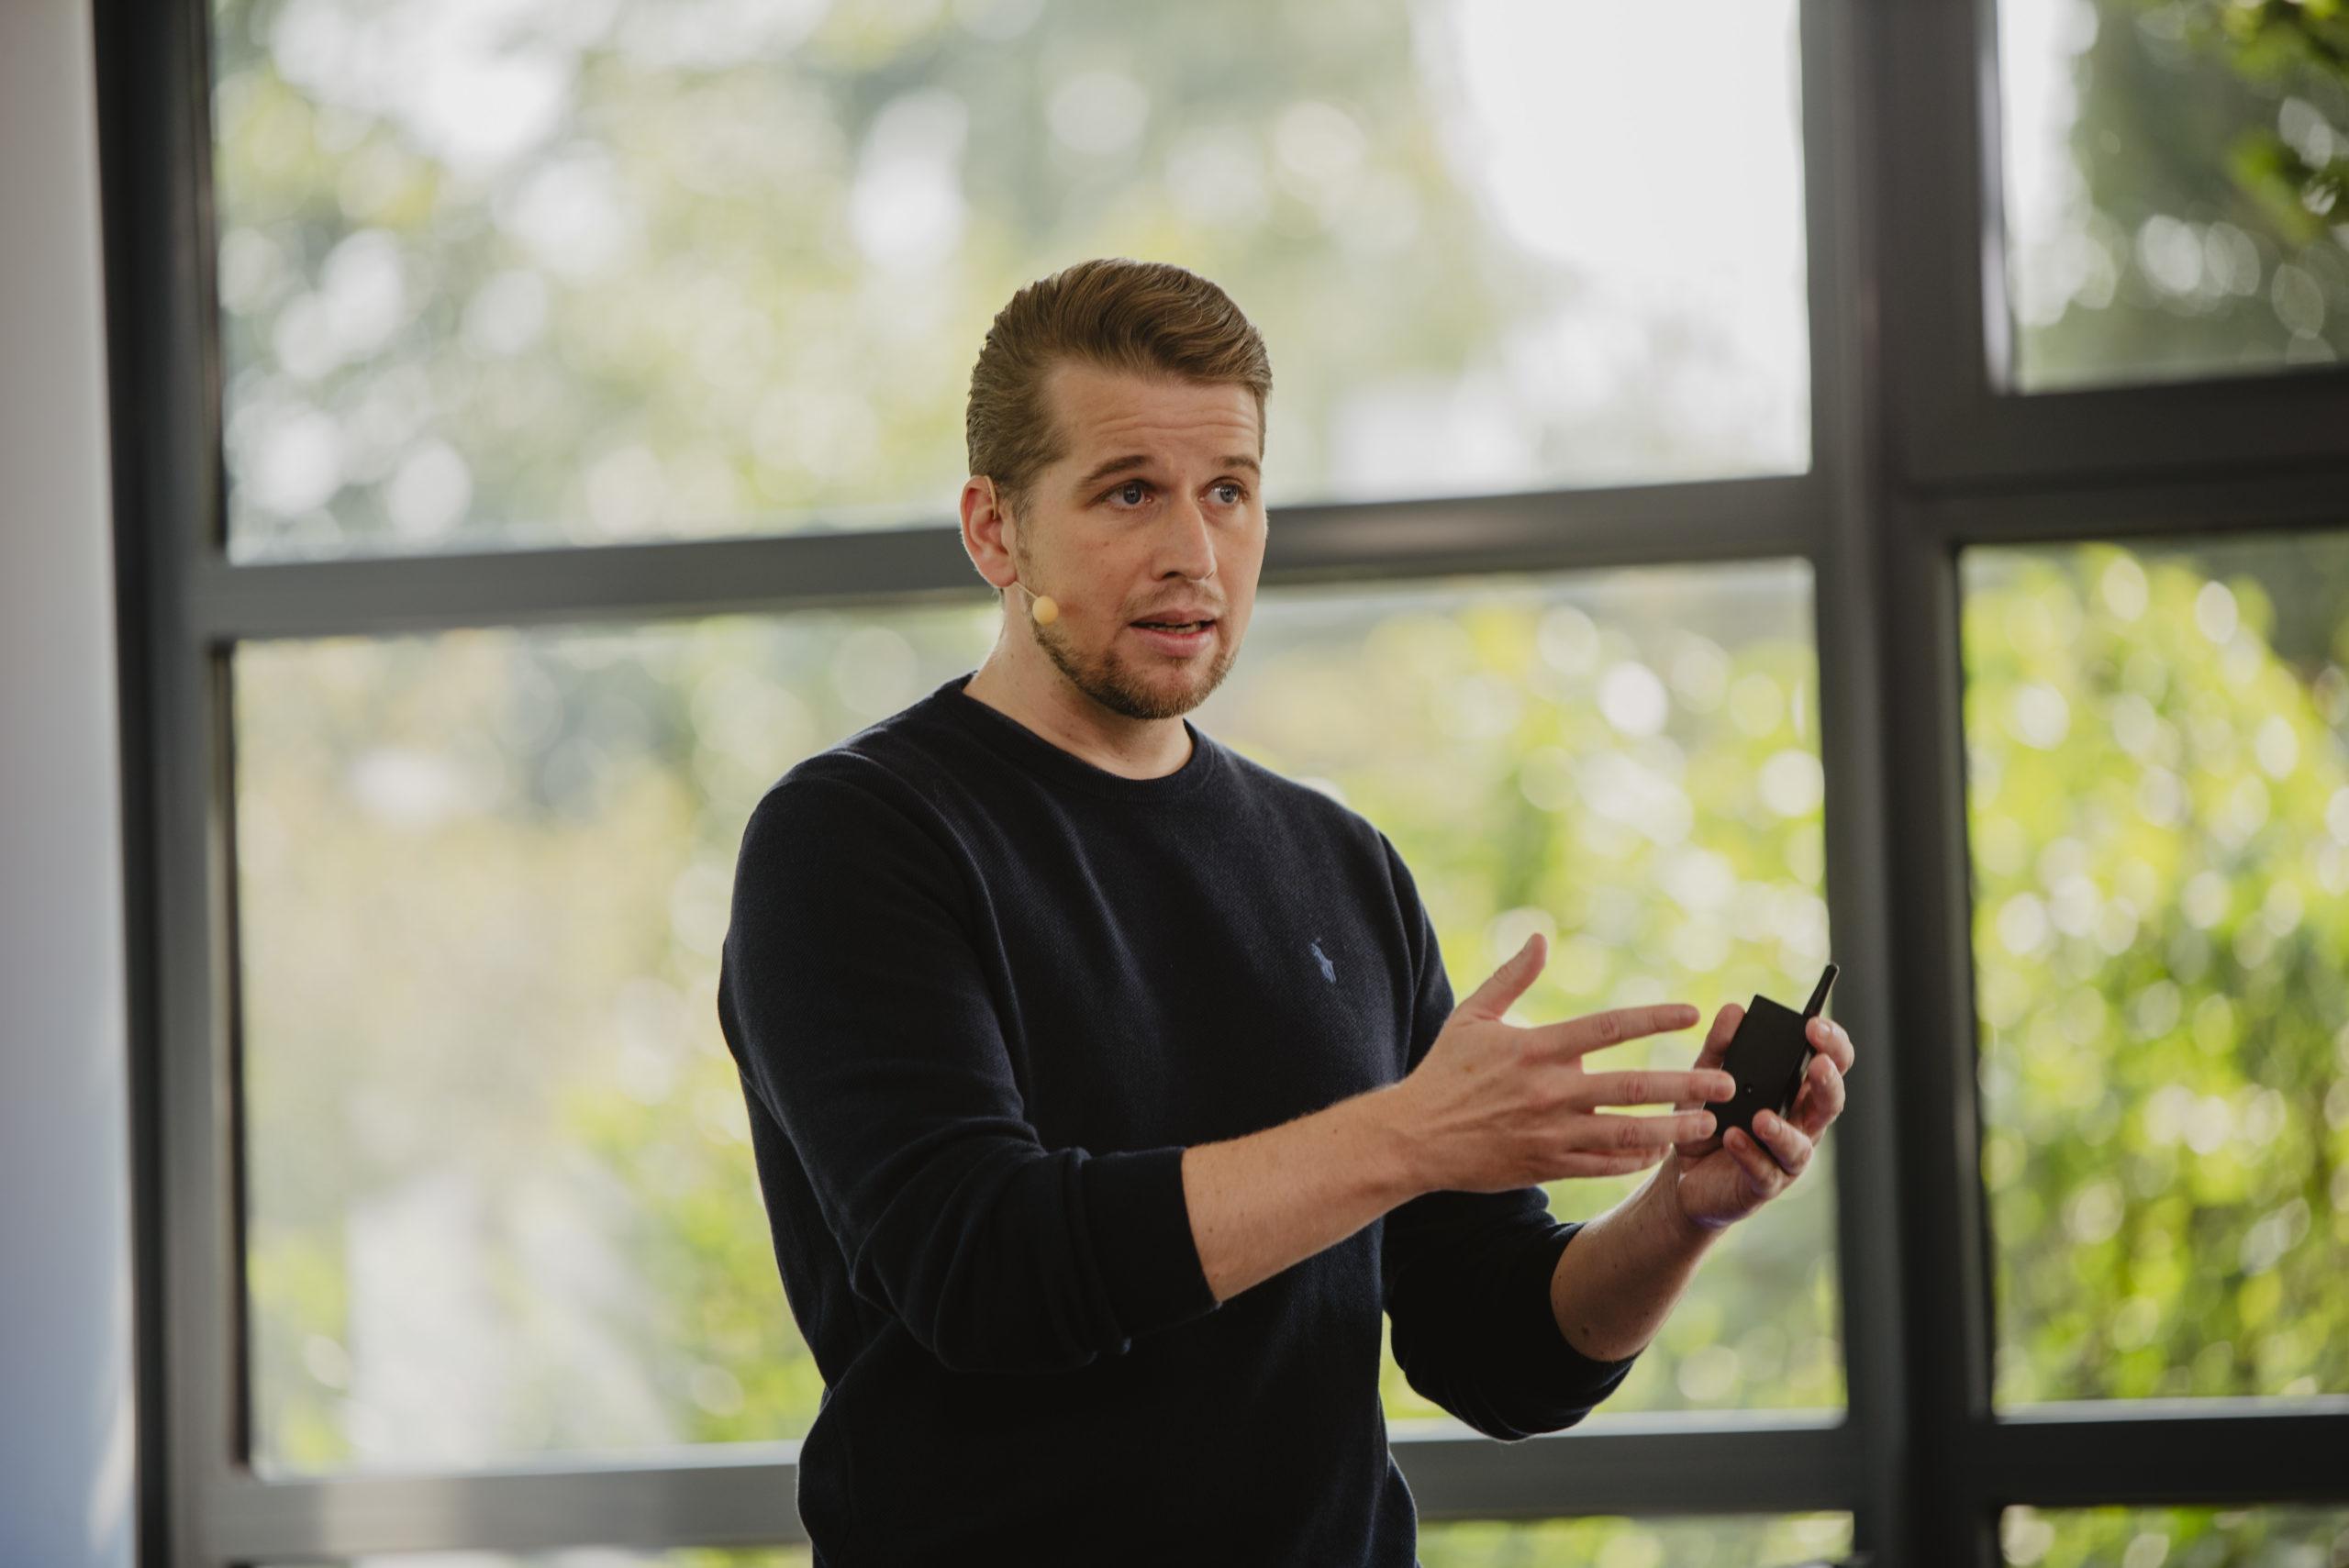 Vorstand Sebastian Evers betonte in der gemeinsamen Keynote mit seinem Vorstandskollegen Rainer Hehmann die Bedeutung des Netzwerks für Innovationen